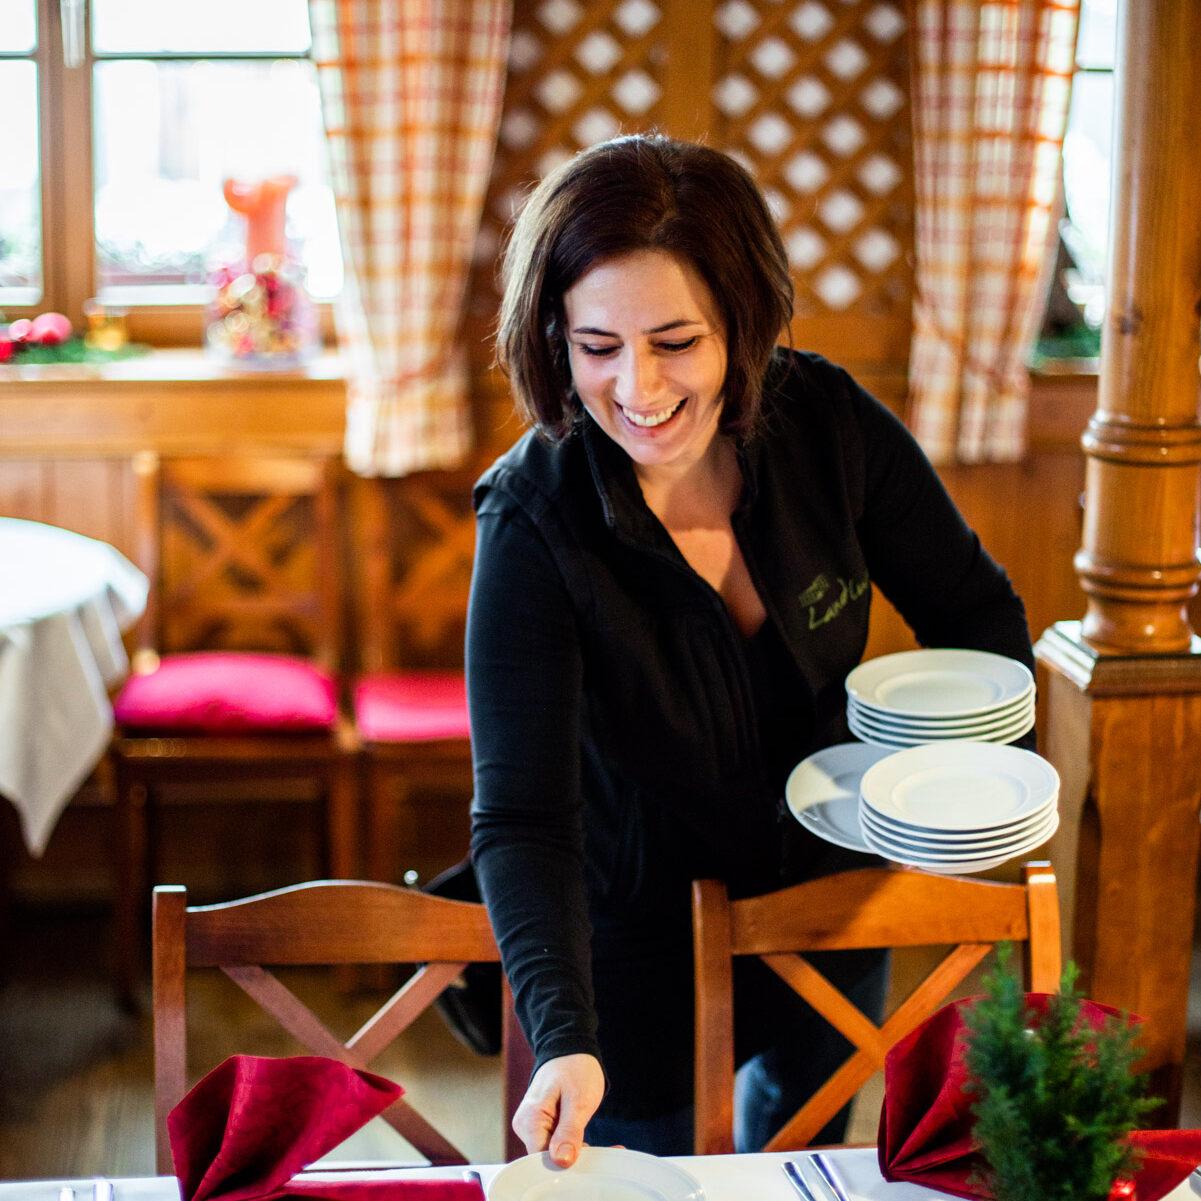 reitsberger-hof-vaterstetten-restaurant-12122018-mokati-187